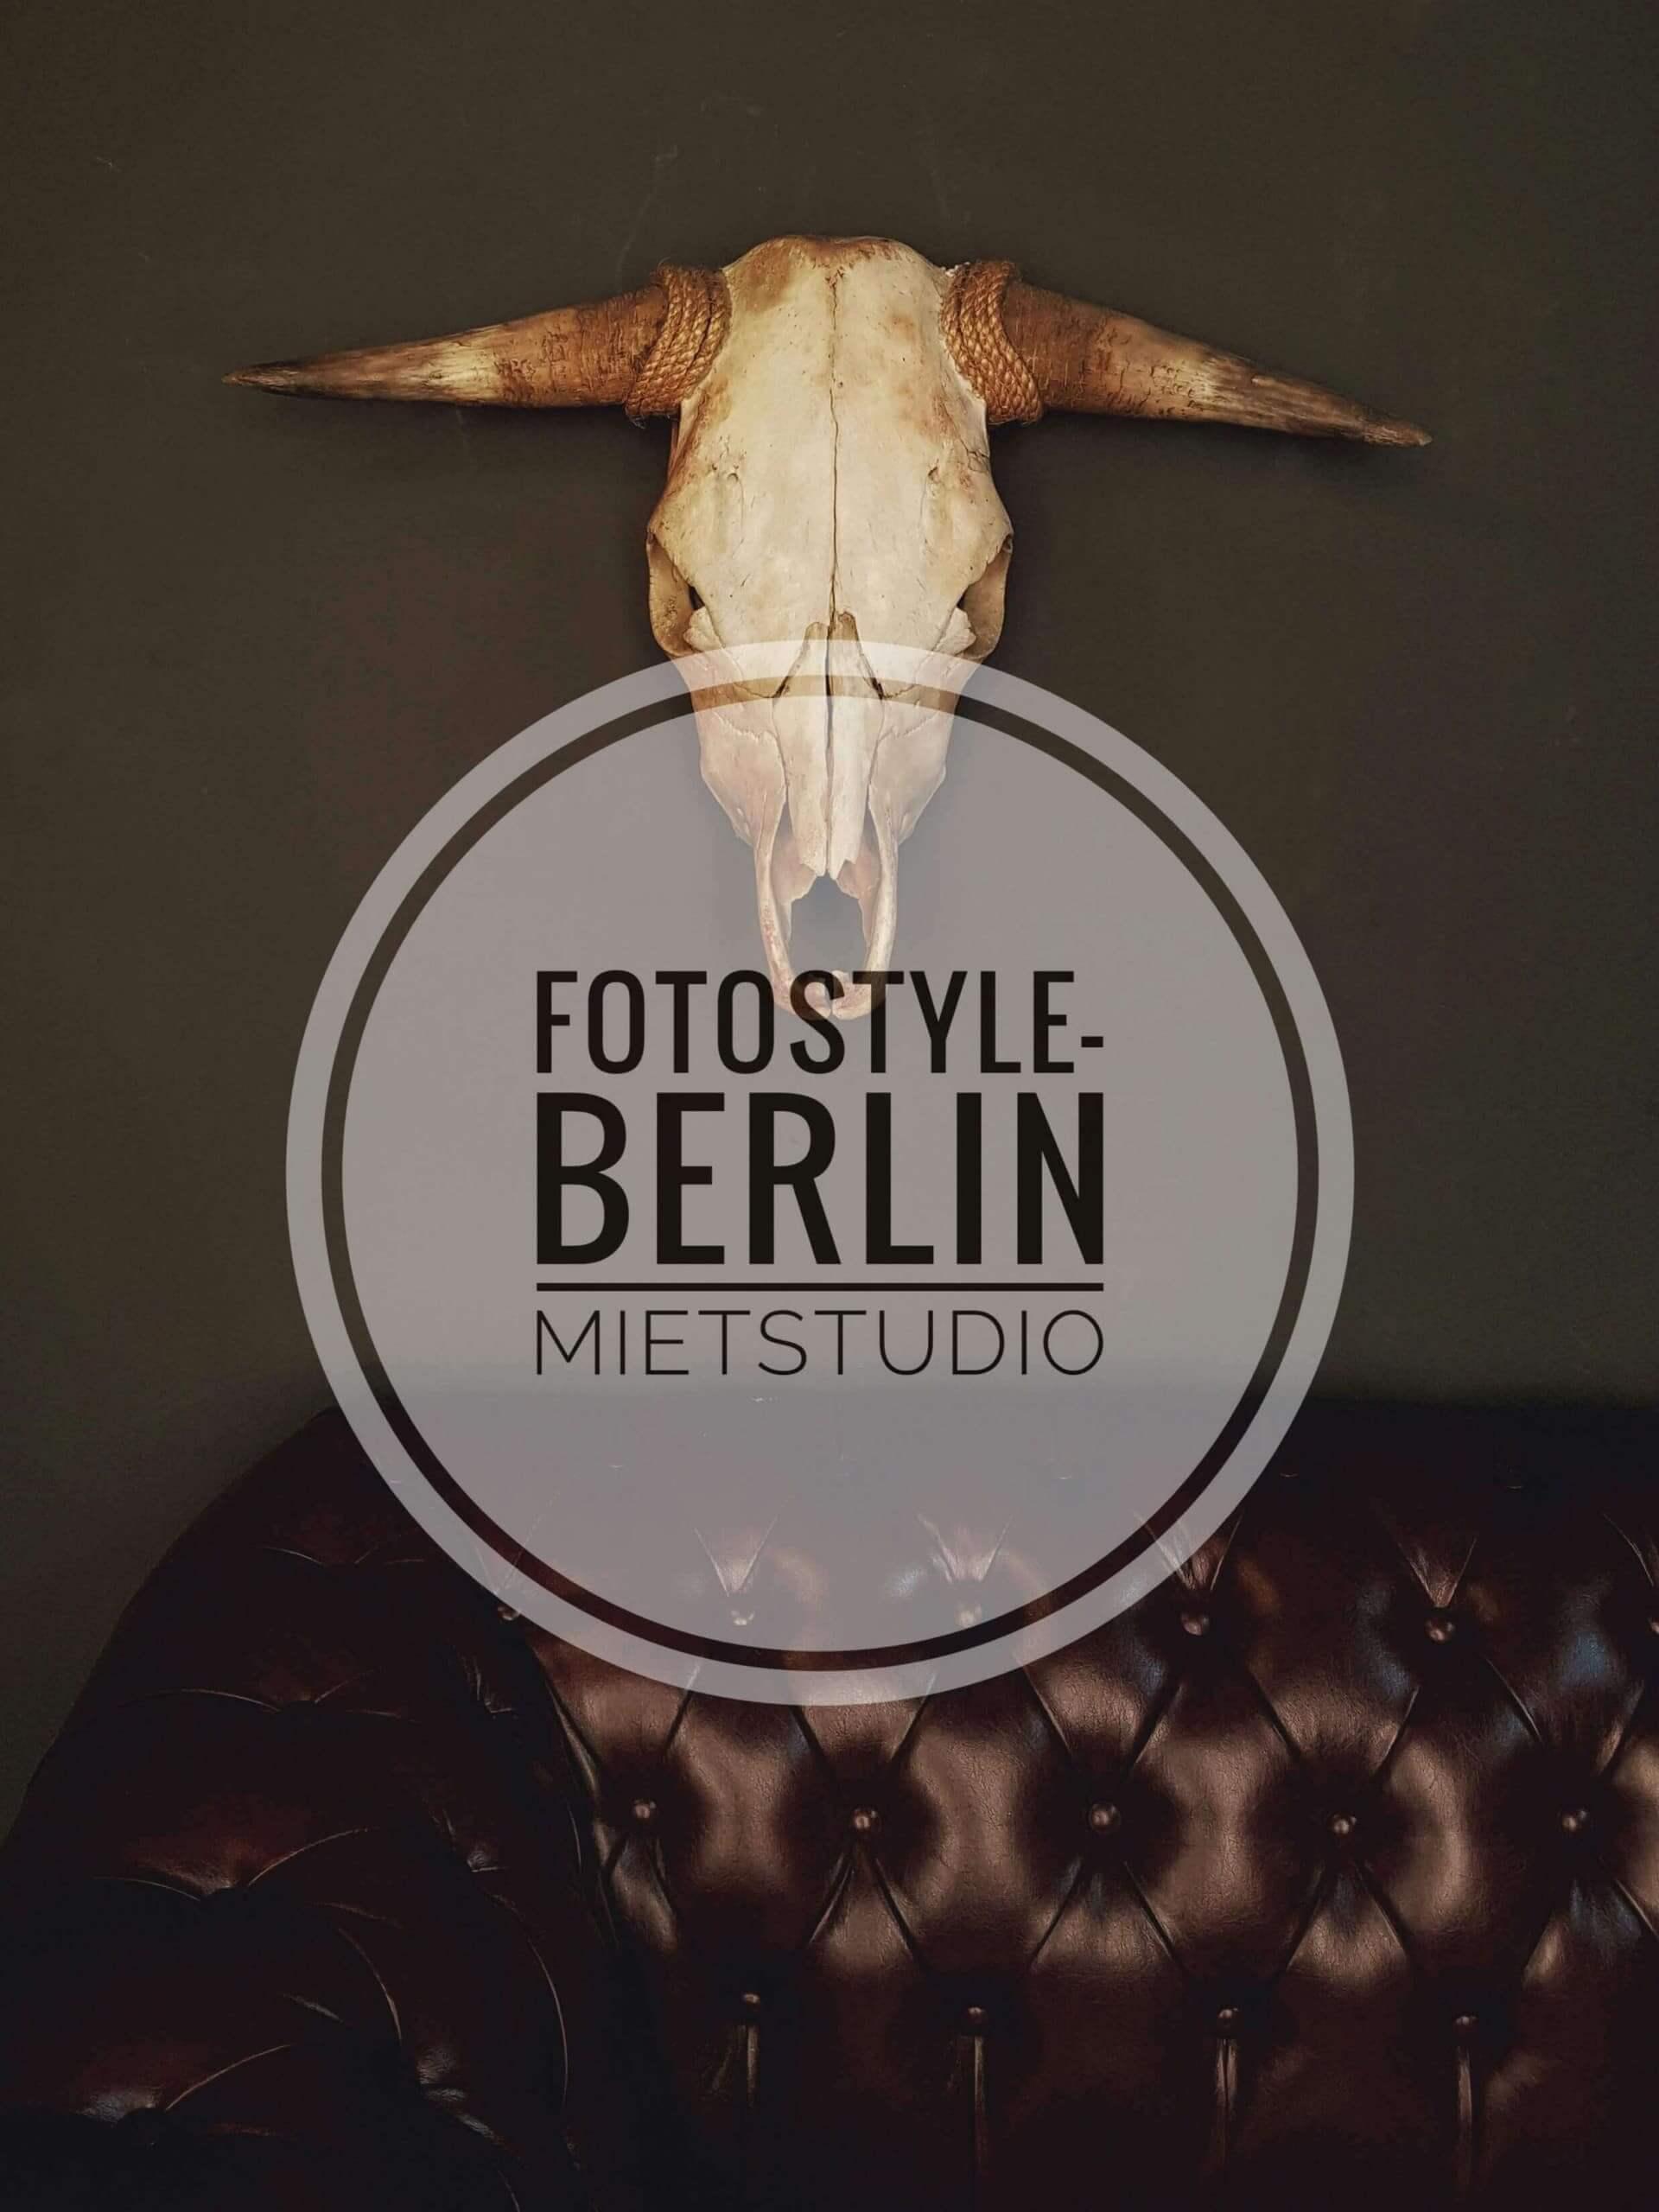 fotostudio berlin 22 scaled - Mietstudio in Berlin - Fotostudio mieten - Fotostyle Berlin